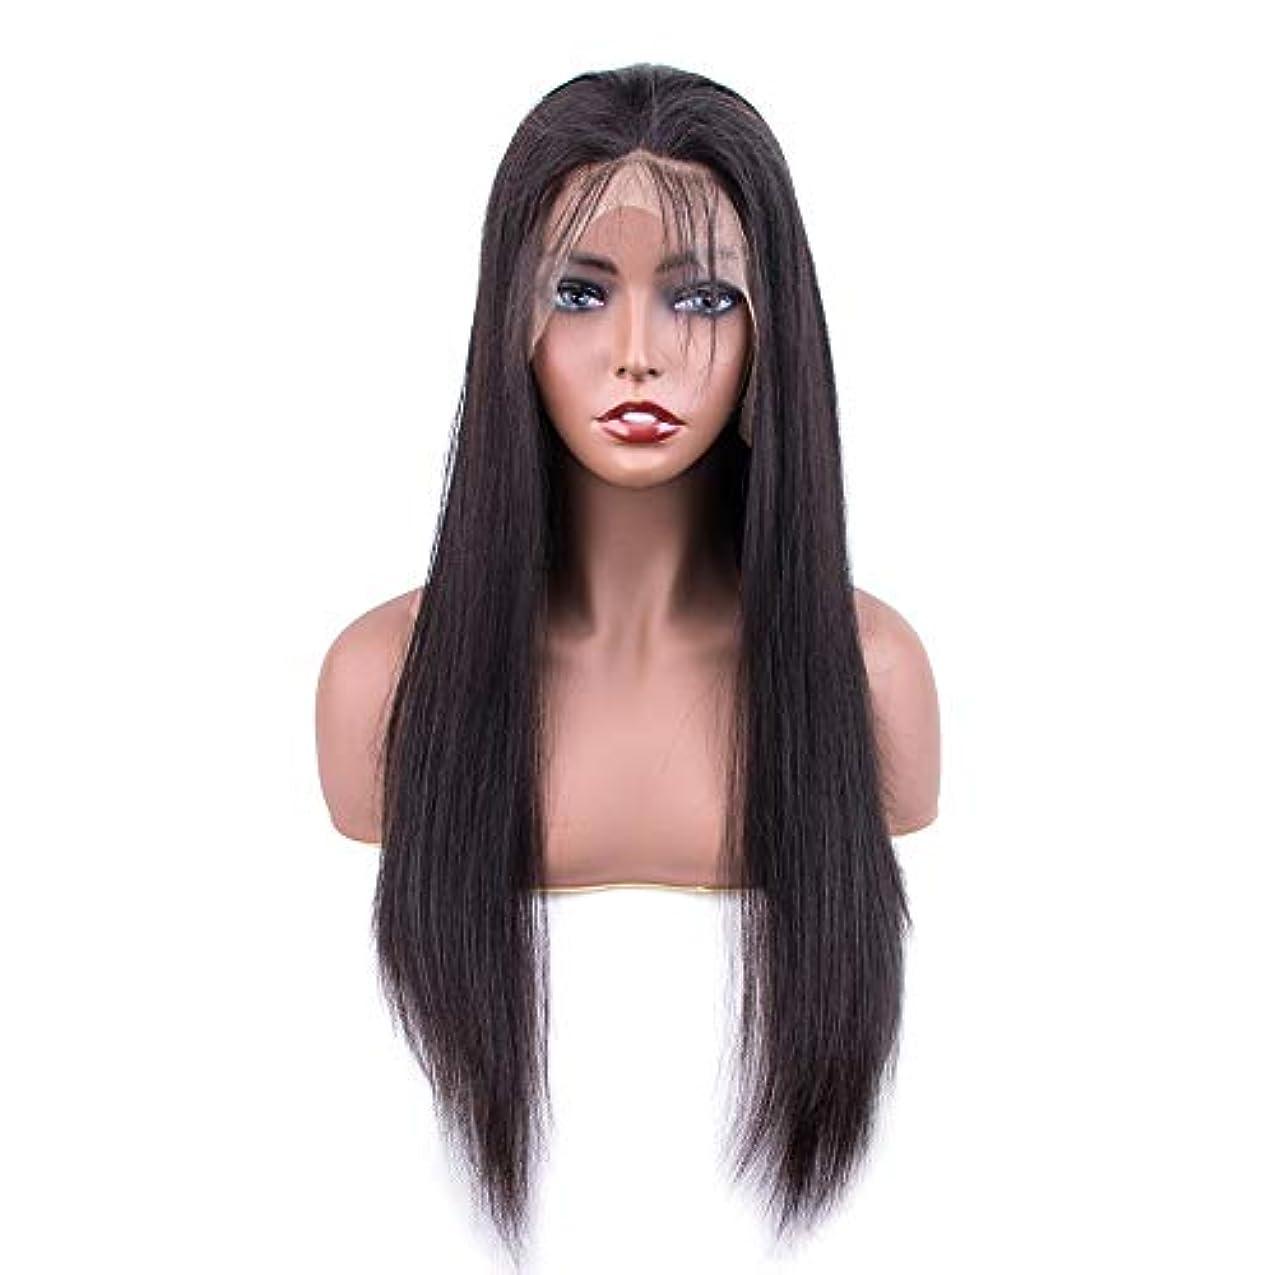 SRY-Wigファッション ファッションレースフロント人間の髪の毛のかつら女性の事前摘み取られた生え際ブラジルストレートレース前頭かつら赤ちゃんの髪 (Color : ブラック, Size : 10inch)